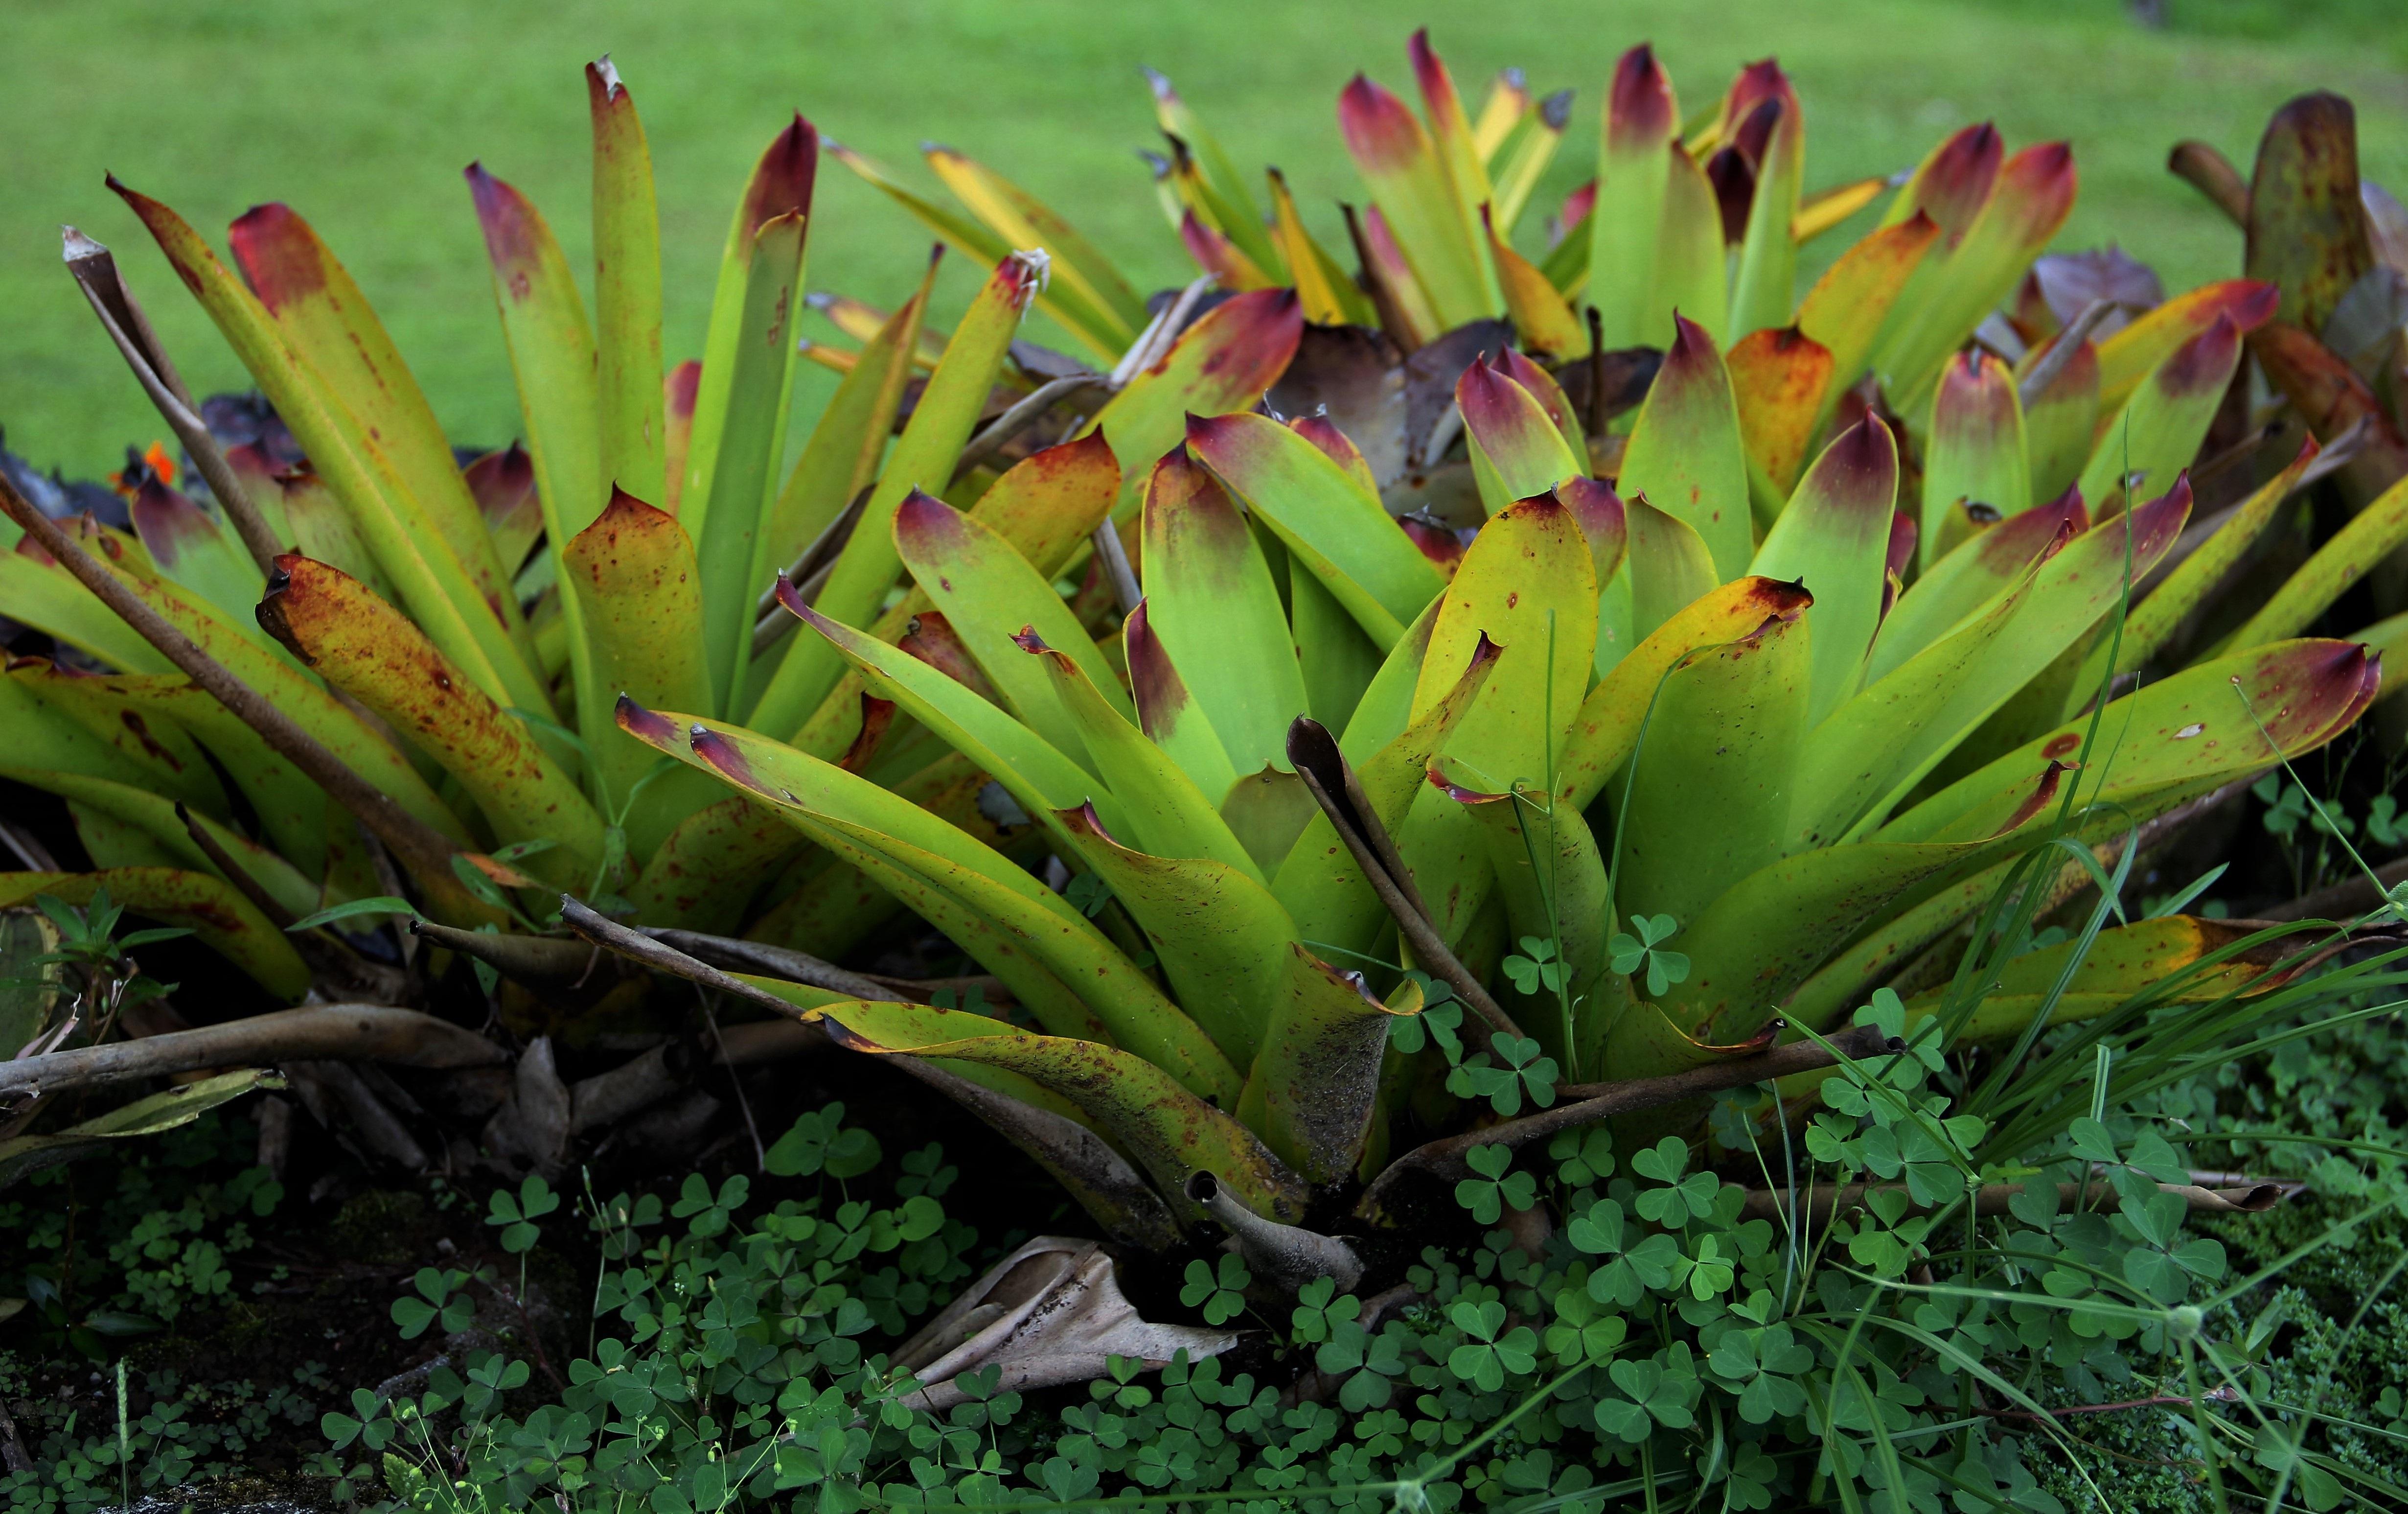 Free Images : tree, leaf, flower, green, flora, leaves, costa rica, flowering plant, genus ...